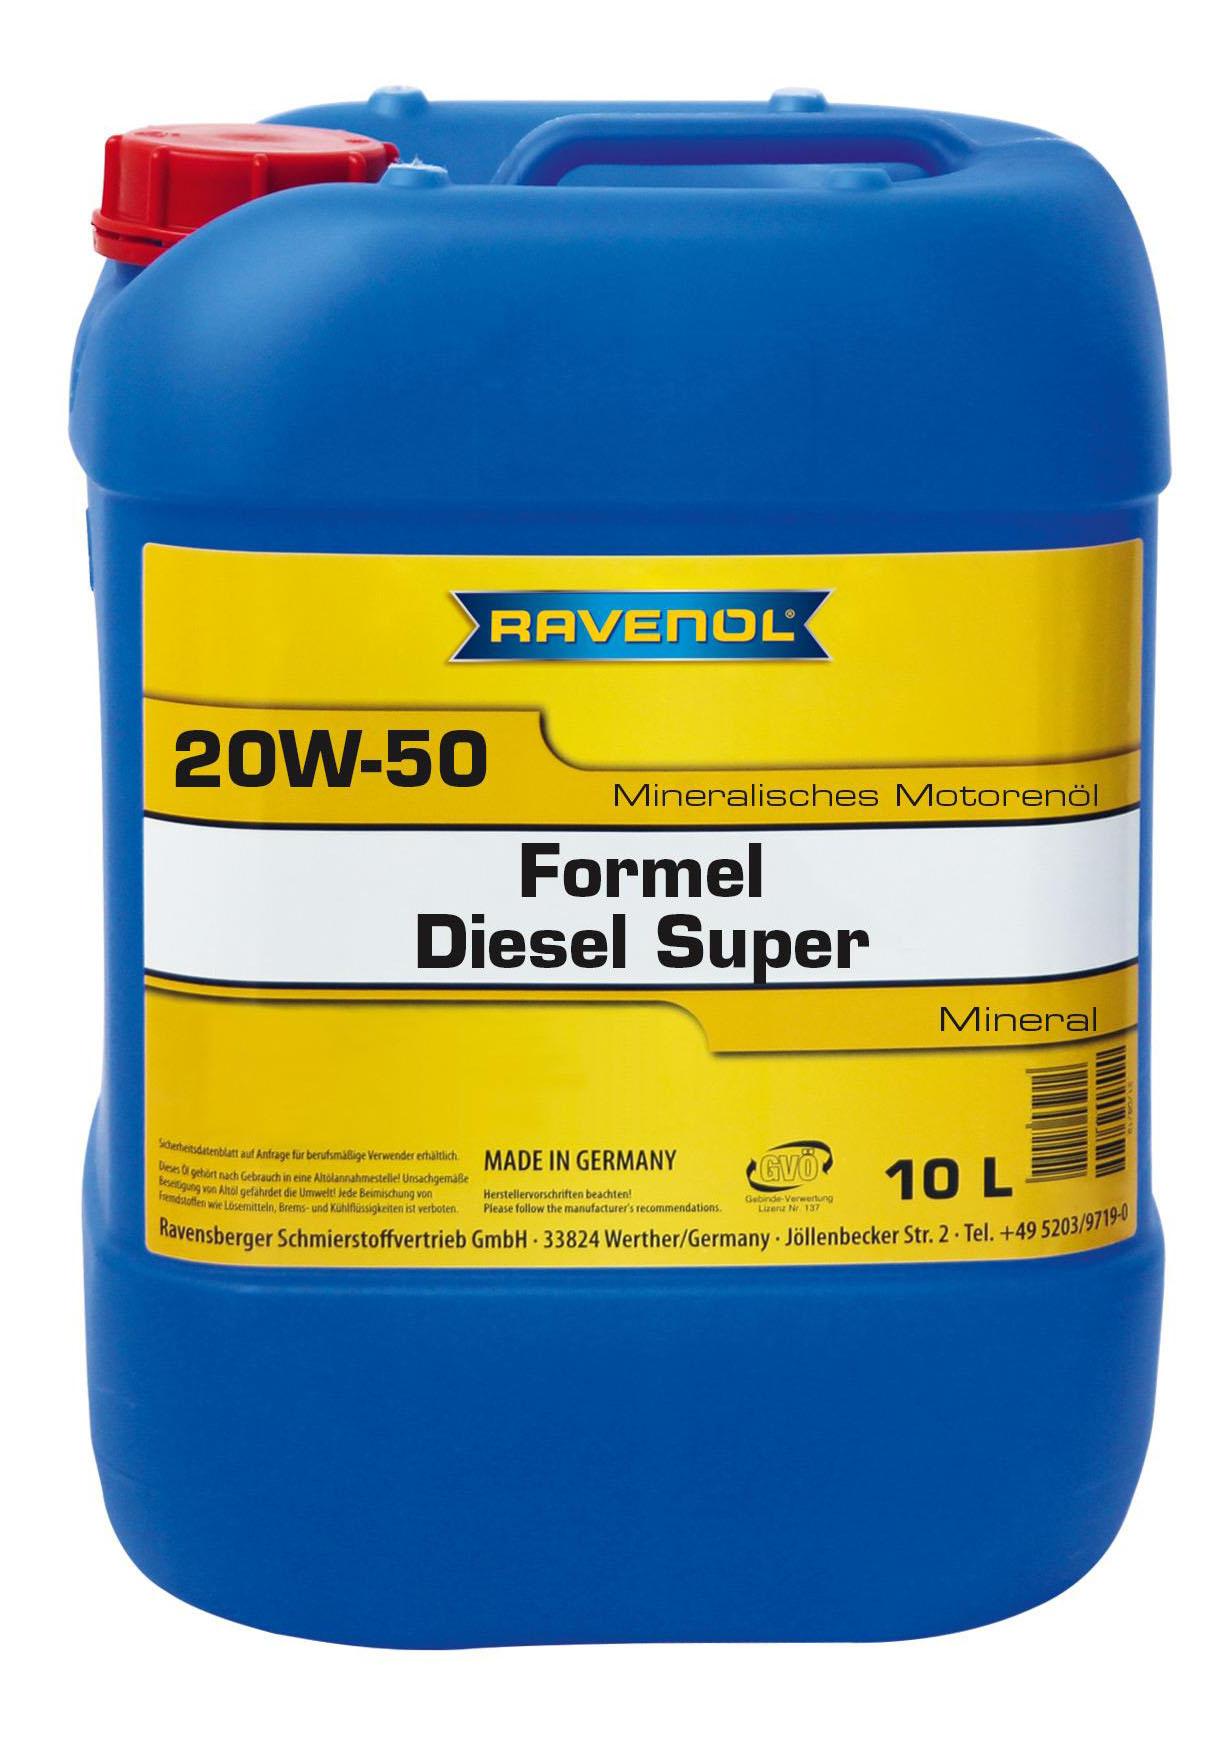 Моторное масло Ravenol Formel Diesel Super 20W-50 10л